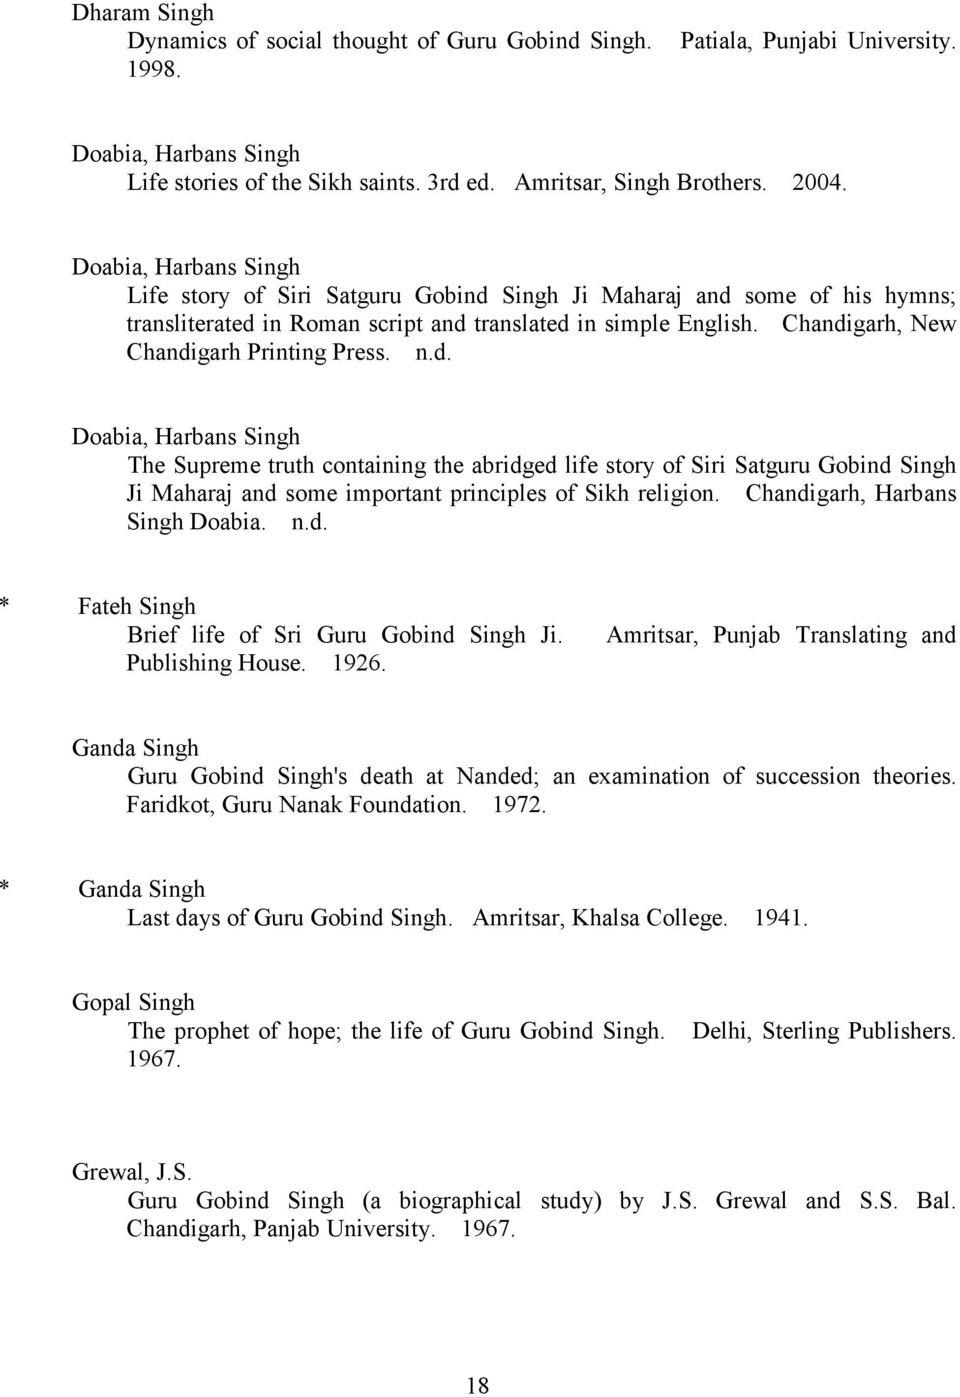 the magic book pdf in hindi